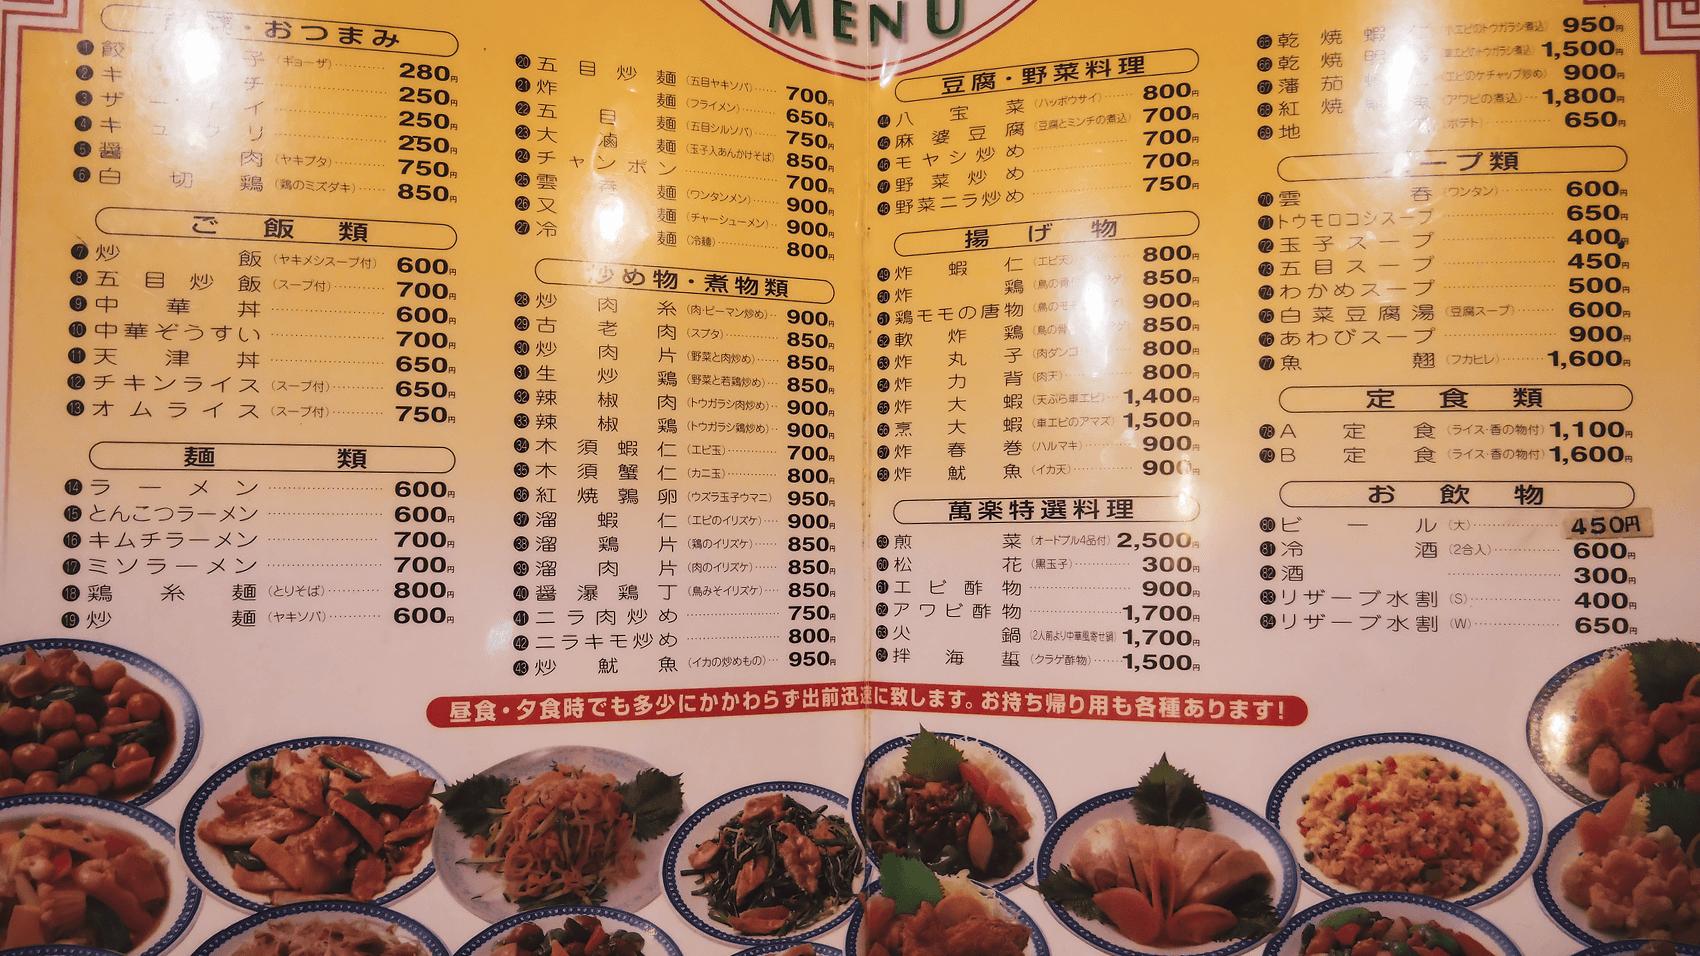 北京料理萬楽のメニュー写真